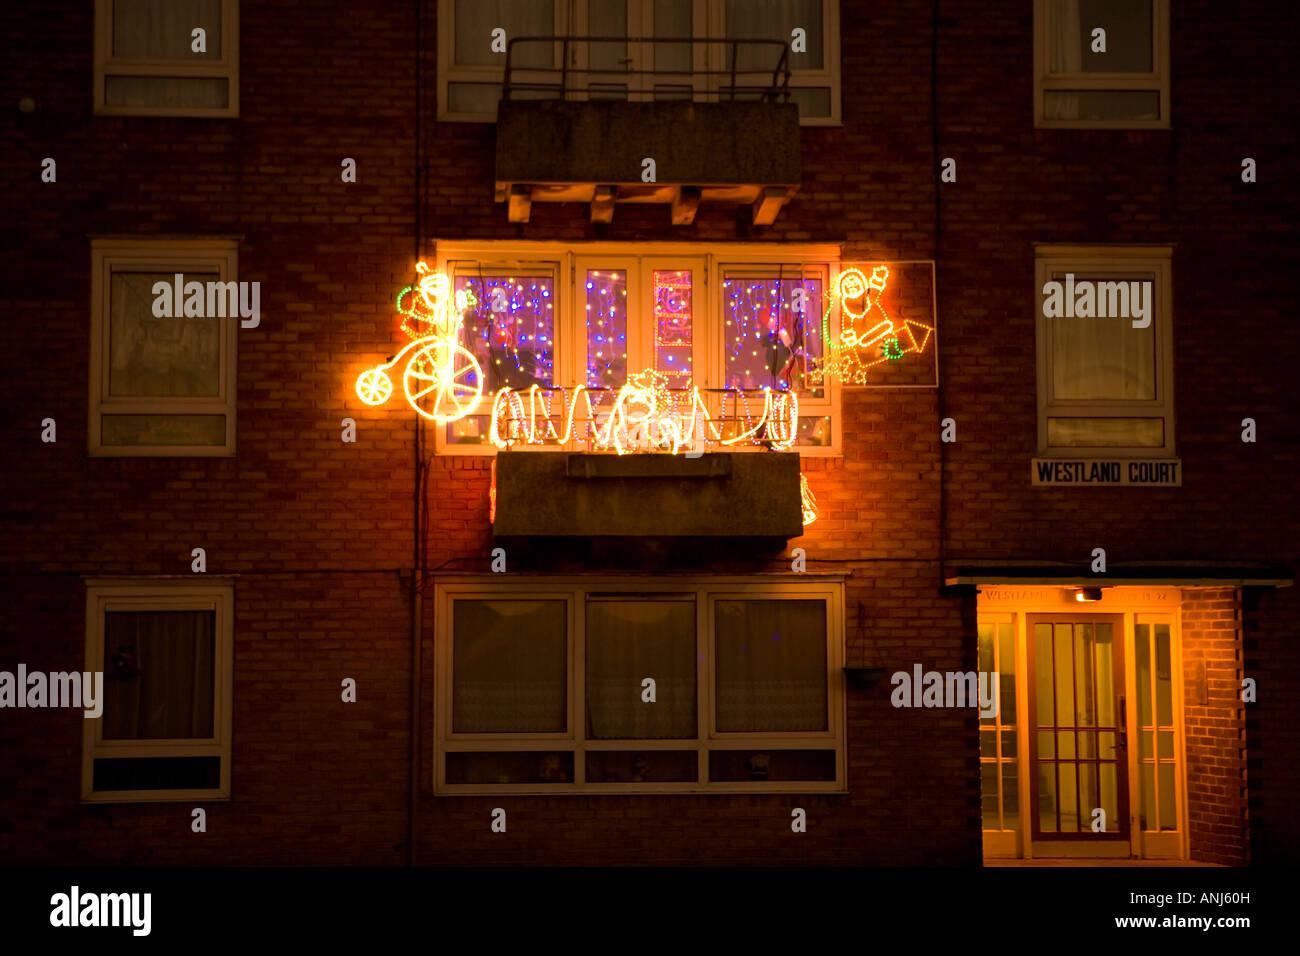 weihnachtsbeleuchtung in der nacht einen balkon in einem wohnblock dekorieren stockfoto bild. Black Bedroom Furniture Sets. Home Design Ideas